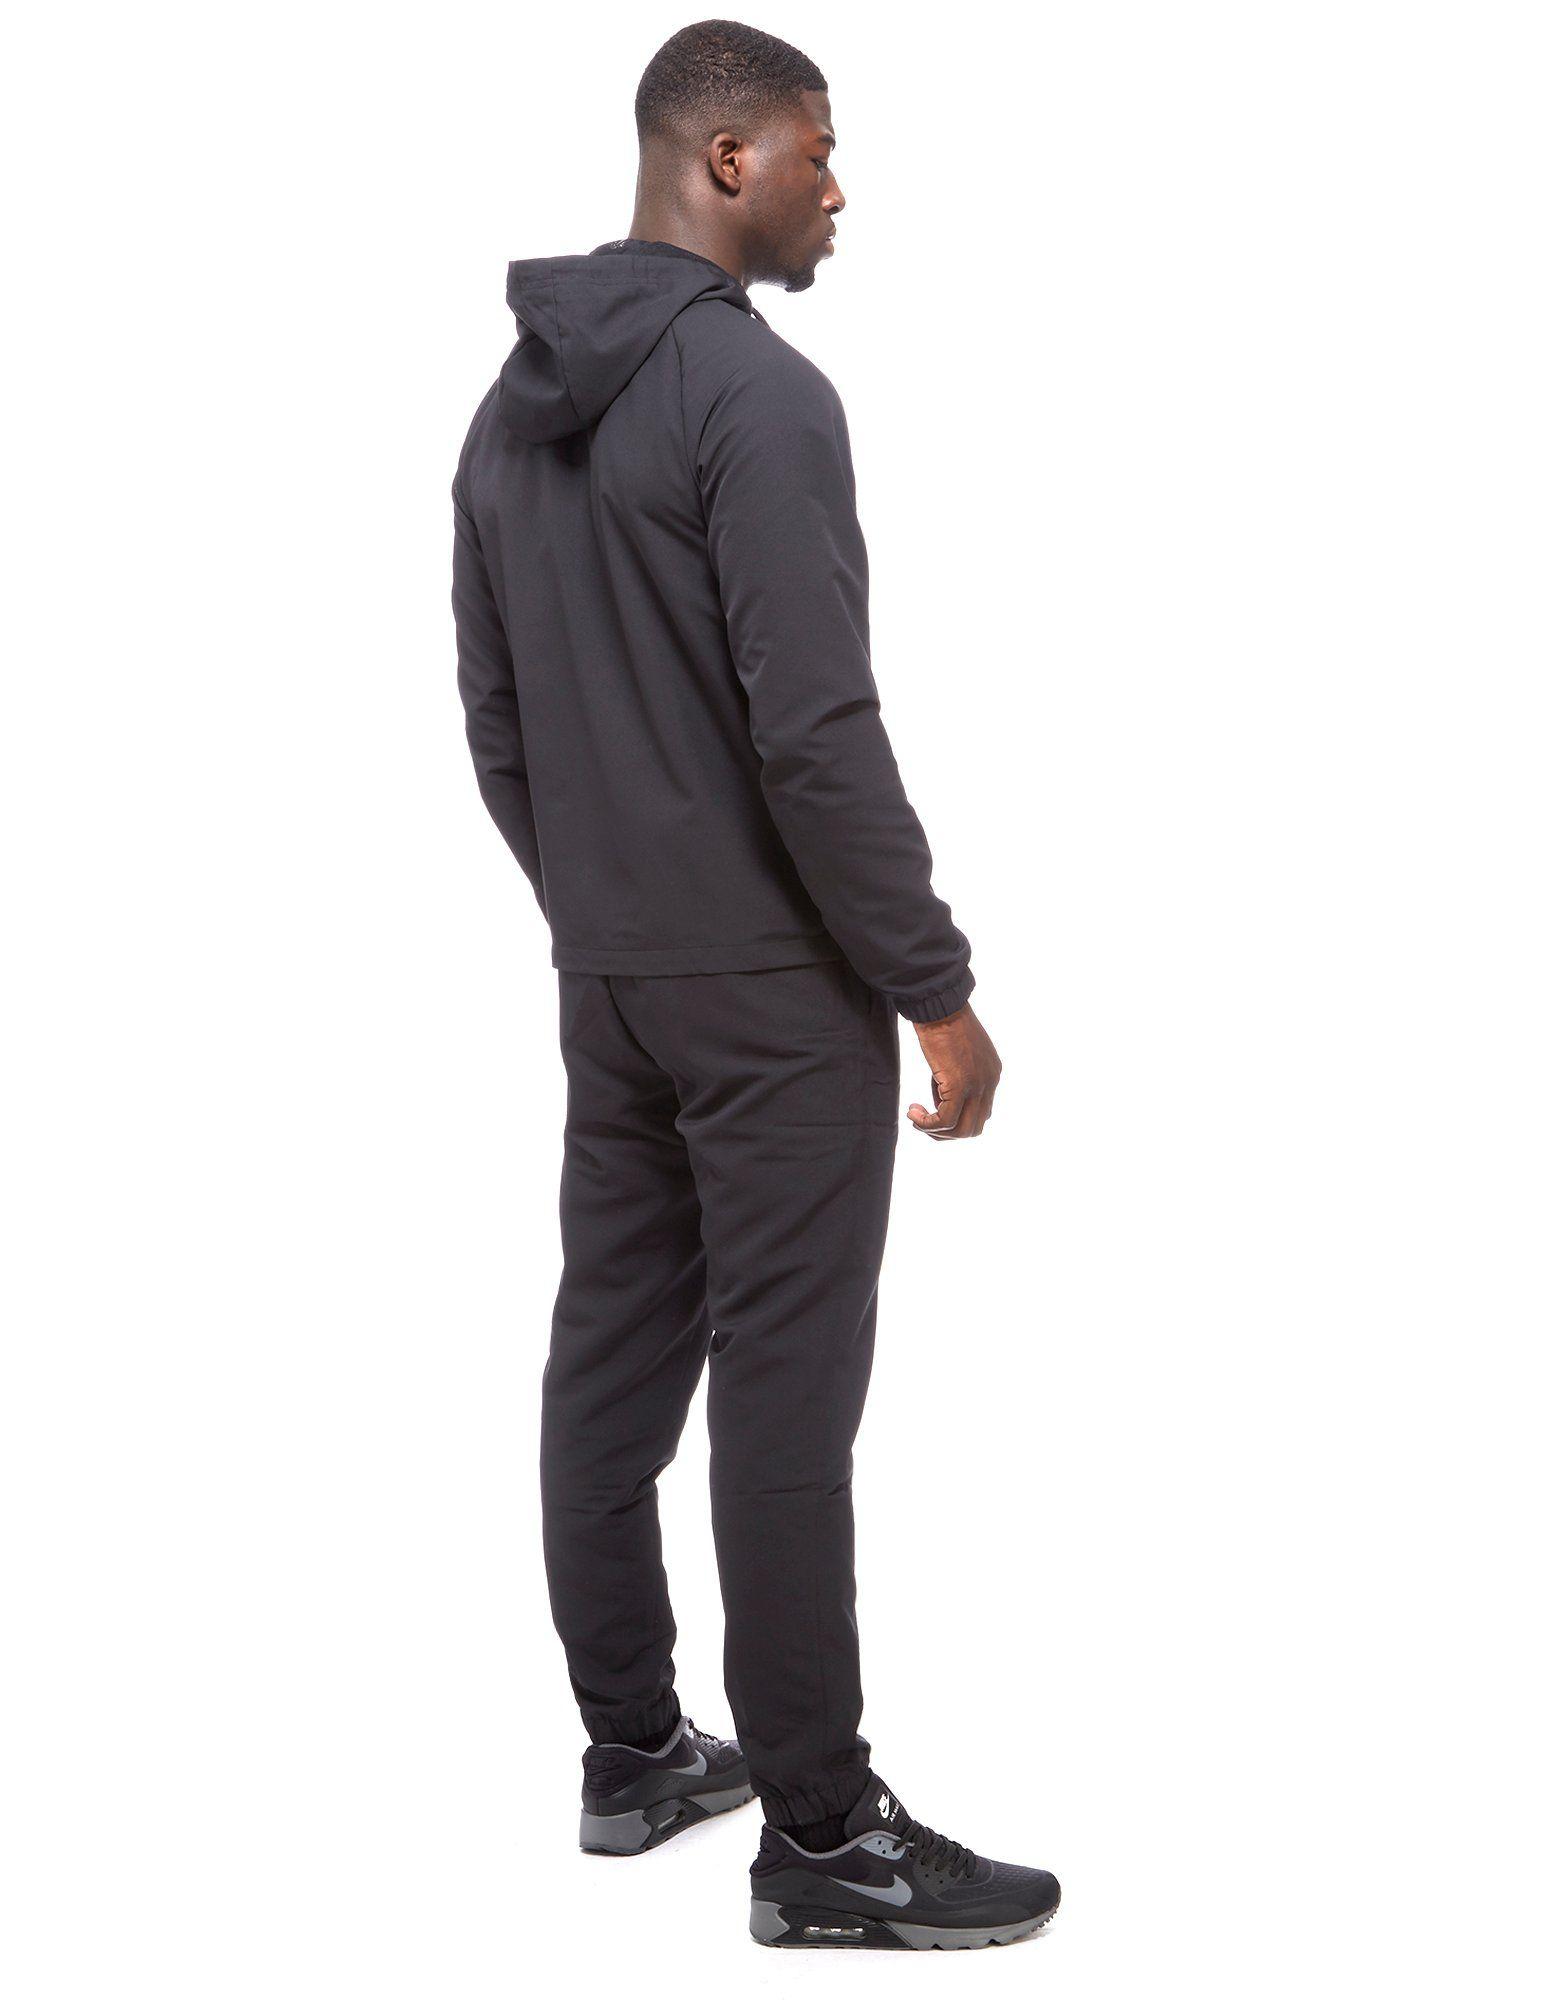 Nike Shut Out 2 Suit Schwarz Für Günstig Online Wählen Sie Eine Beste Günstig Online lN92GY